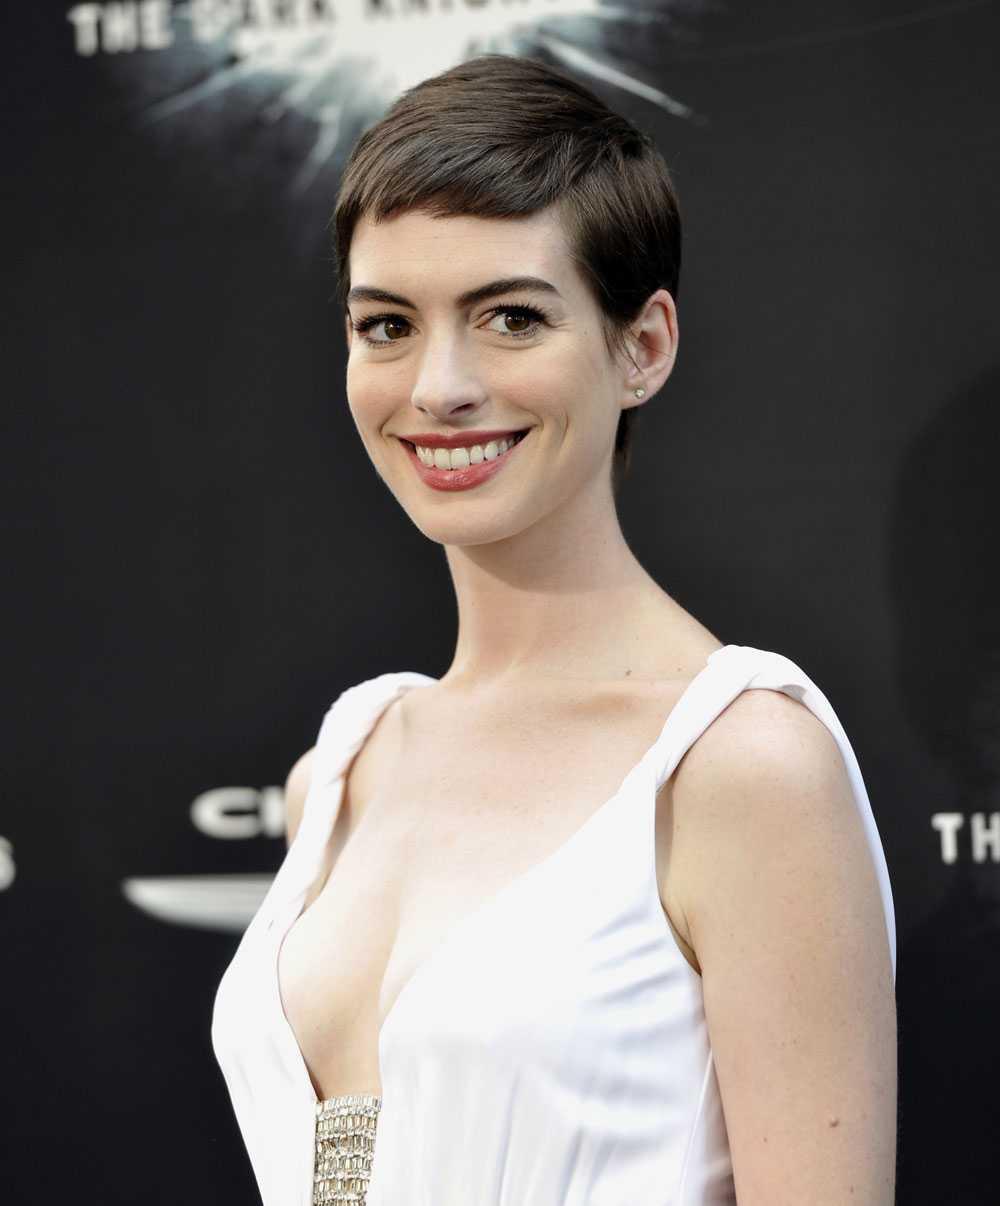 Nu talar Anne Hathaway ut om den stora förändringen. –Jag tittade mig i spegeln och såg min homosexuelle bror, säger hon till Vogue.